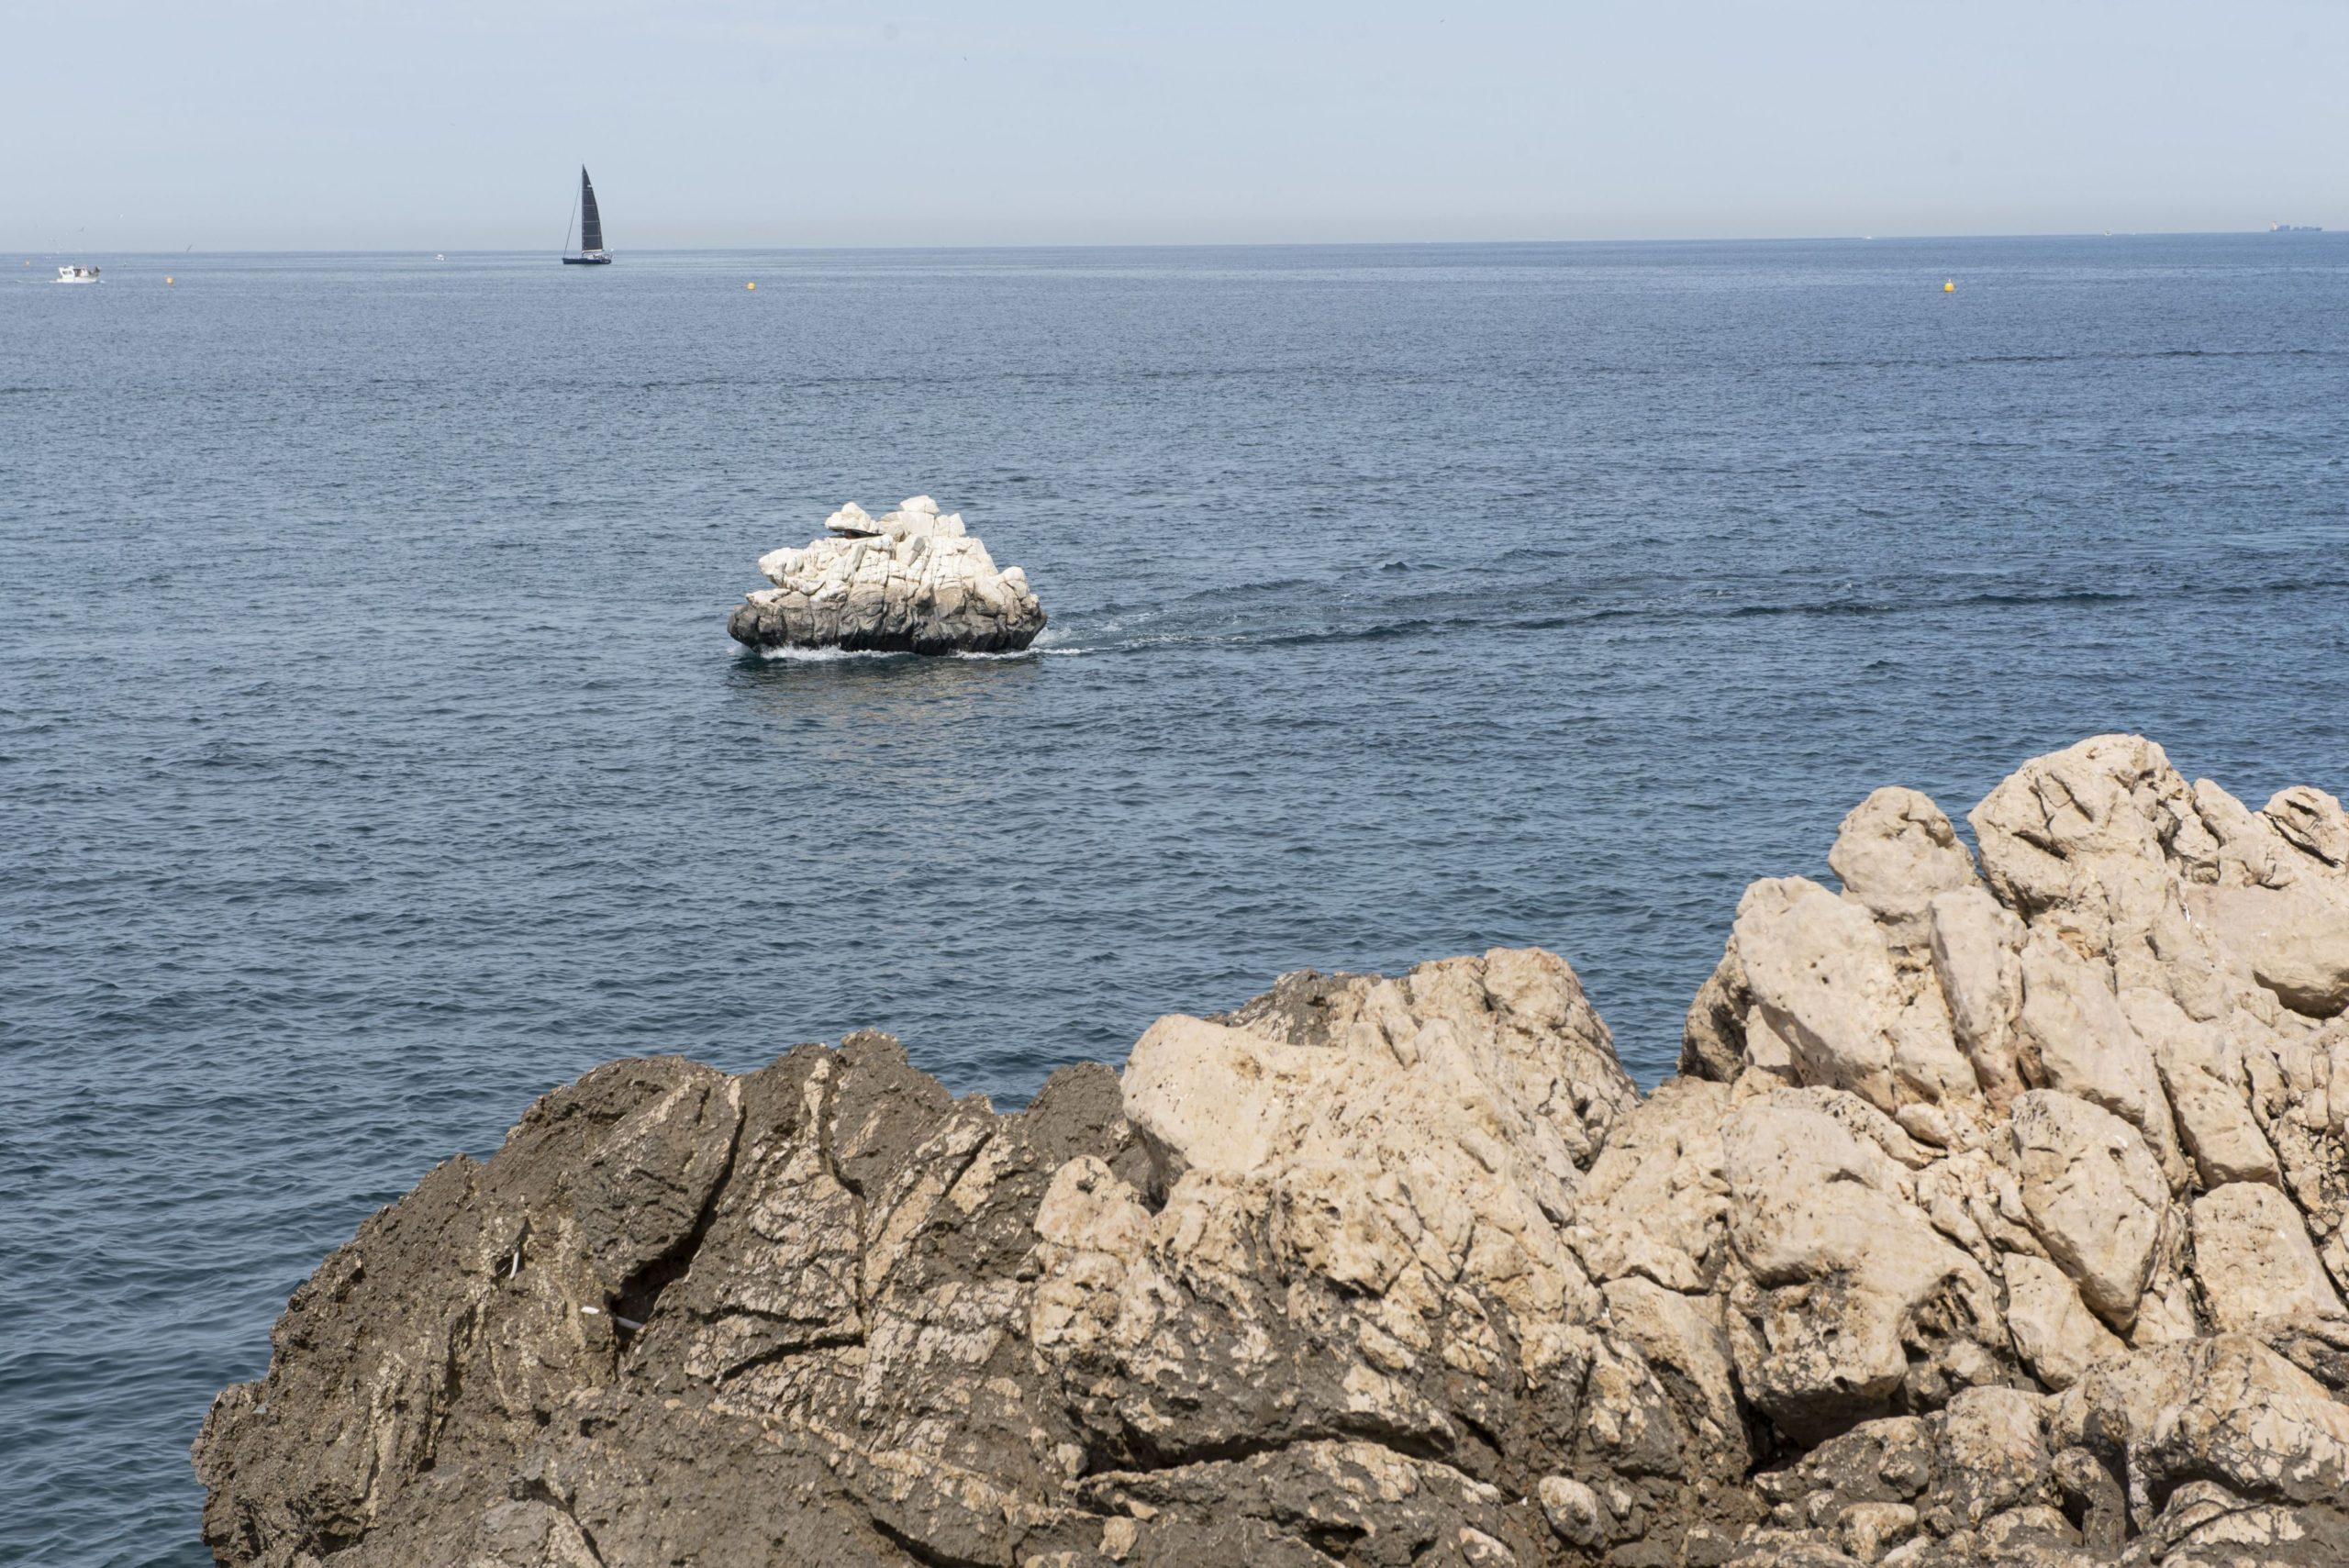 A távolból nézve soha nem gondolná senki, hogy ez egy hajó Fotó: Northfoto